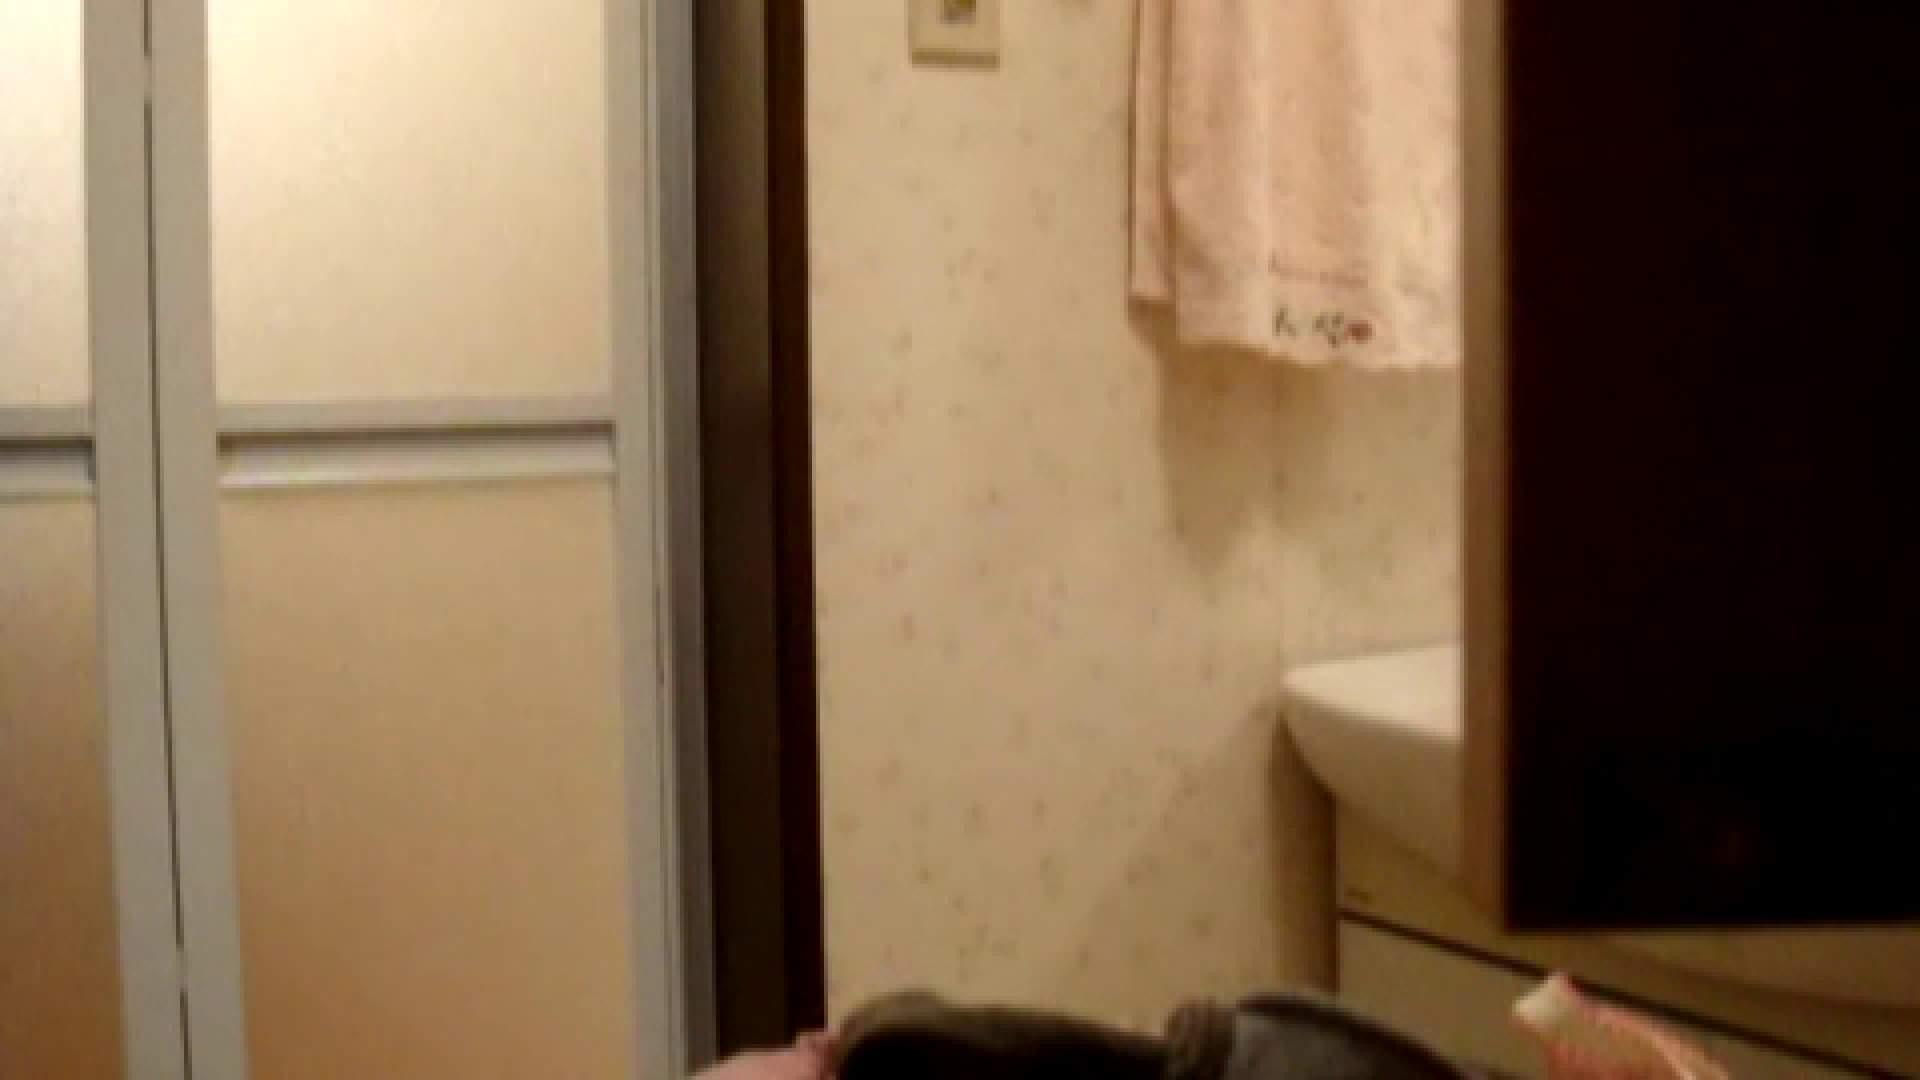 二人とも育てた甲斐がありました… vol.08 まどかの入浴中にカメラに気付いたか!? OLのエロ生活  71連発 42